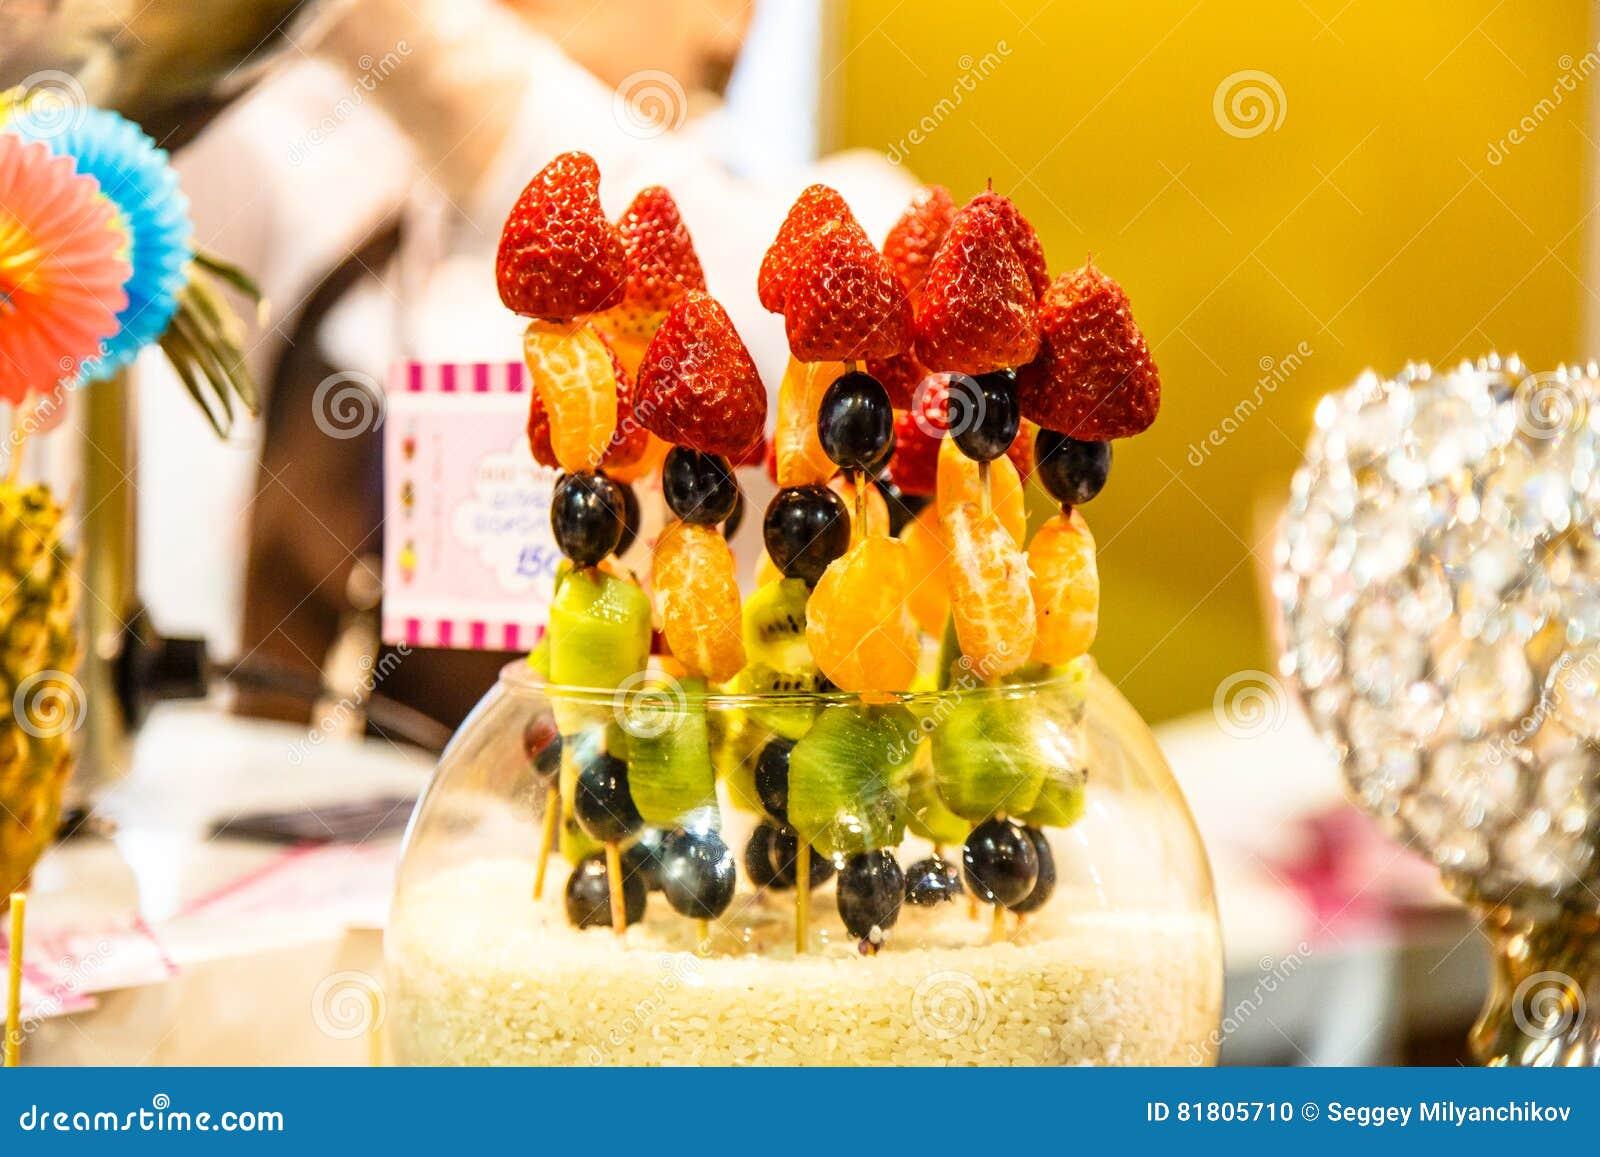 Ягоды и плодоовощ: клубники, мандарины, киви виноградин на s